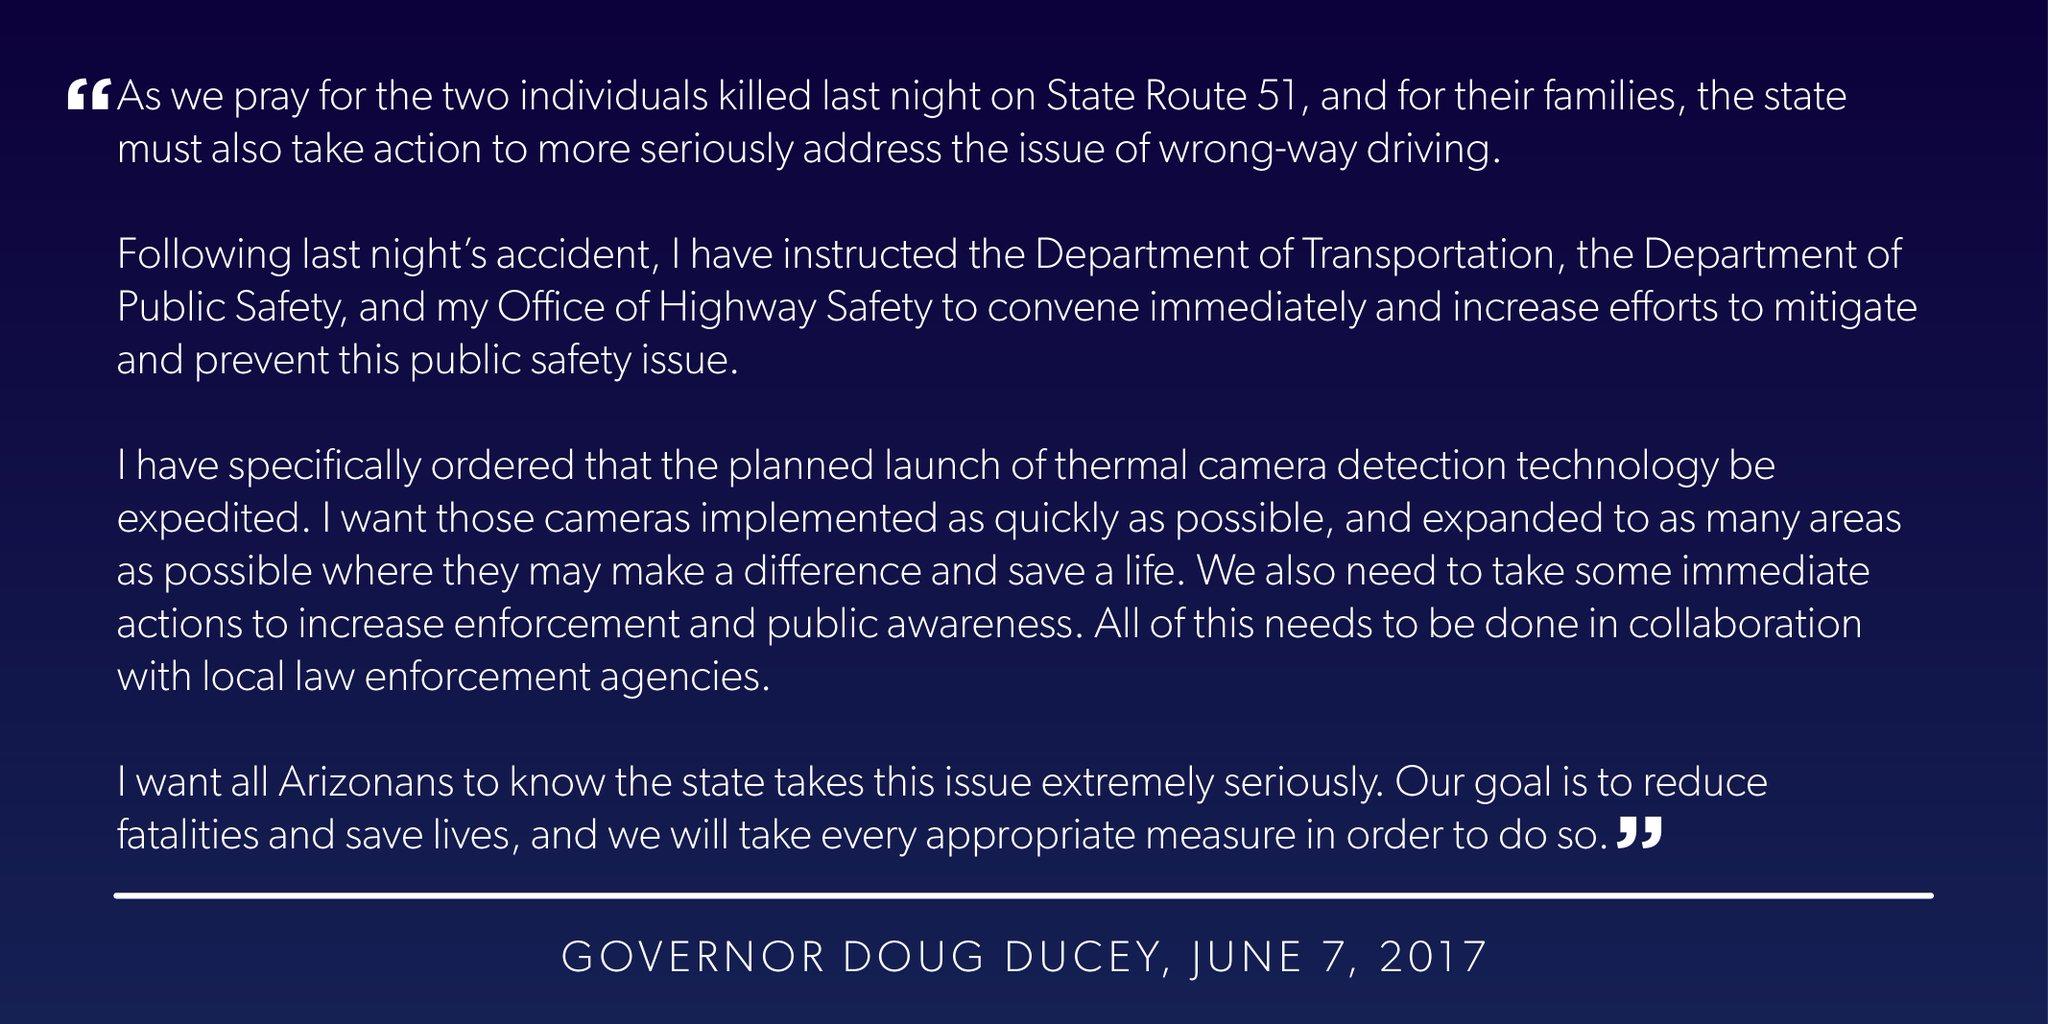 (Source: Governor Doug Ducey)